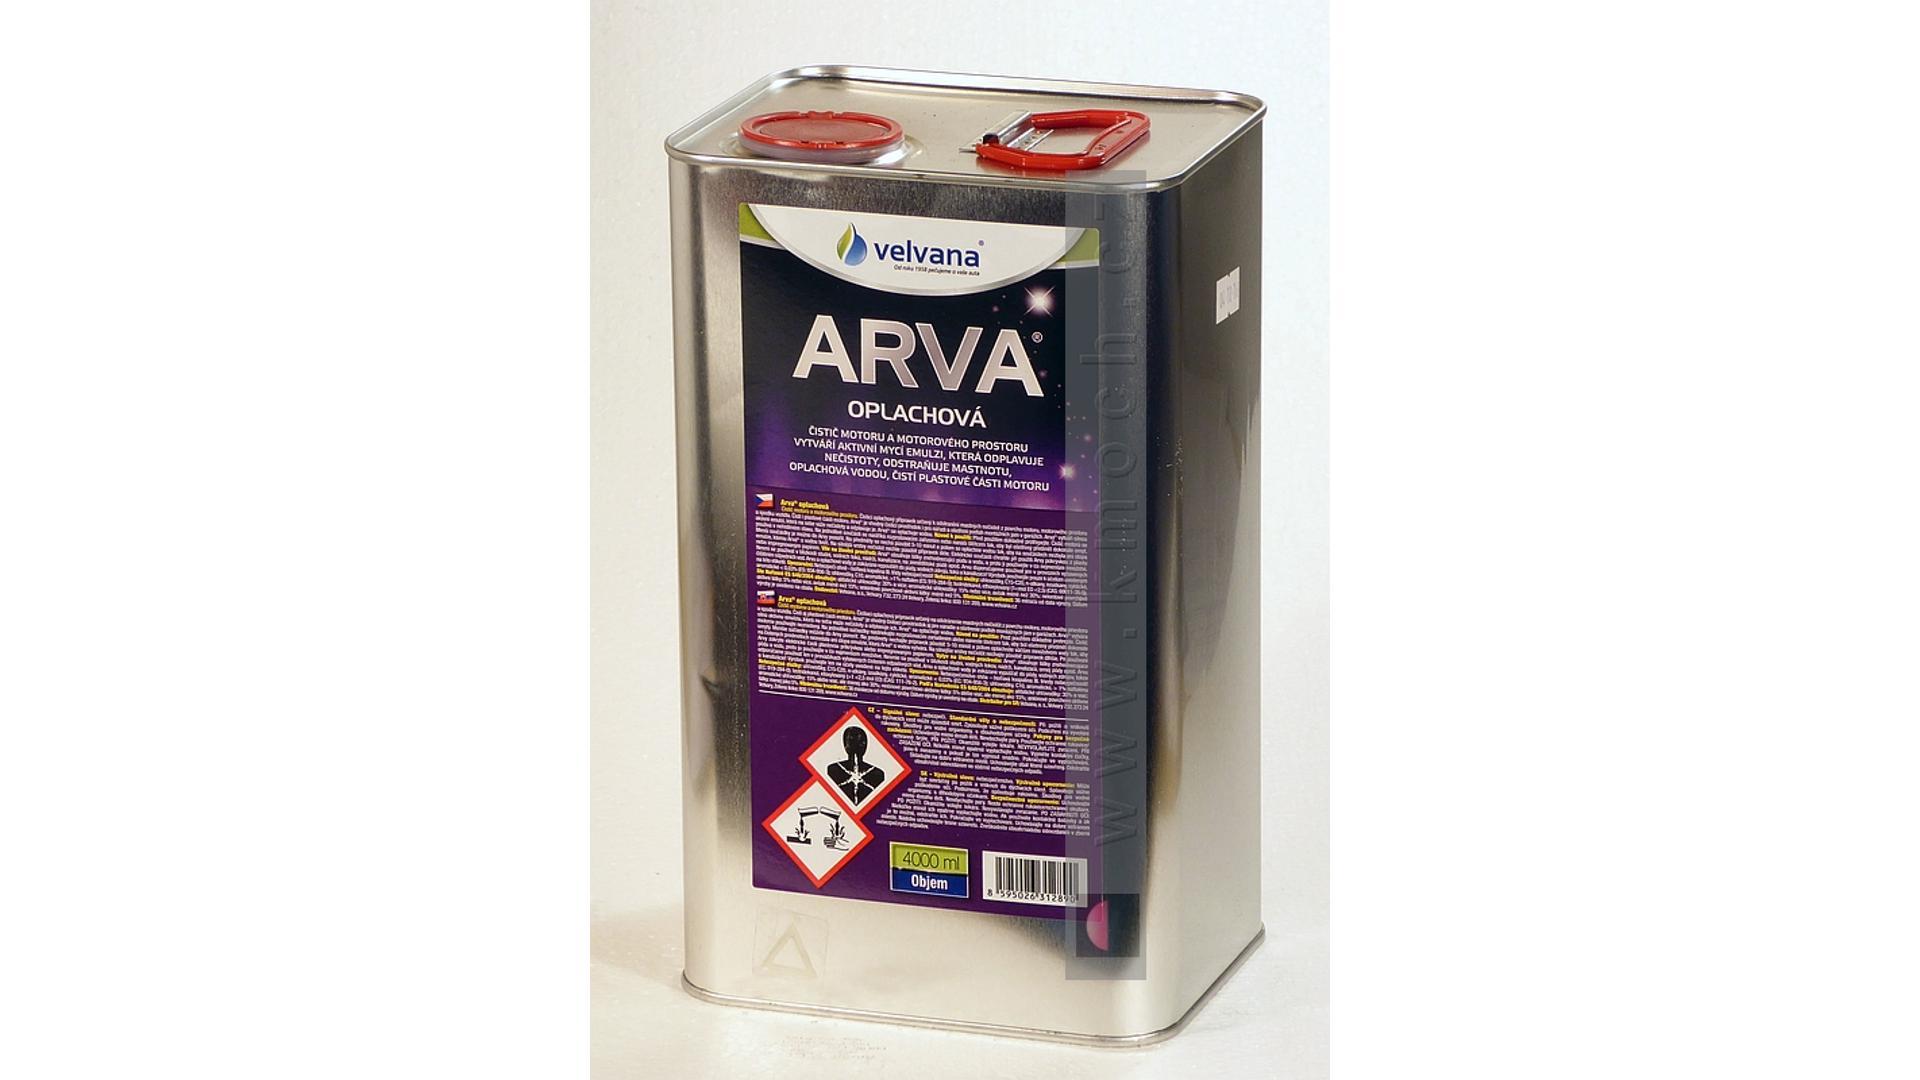 ARVA oplachová - plech - 4l